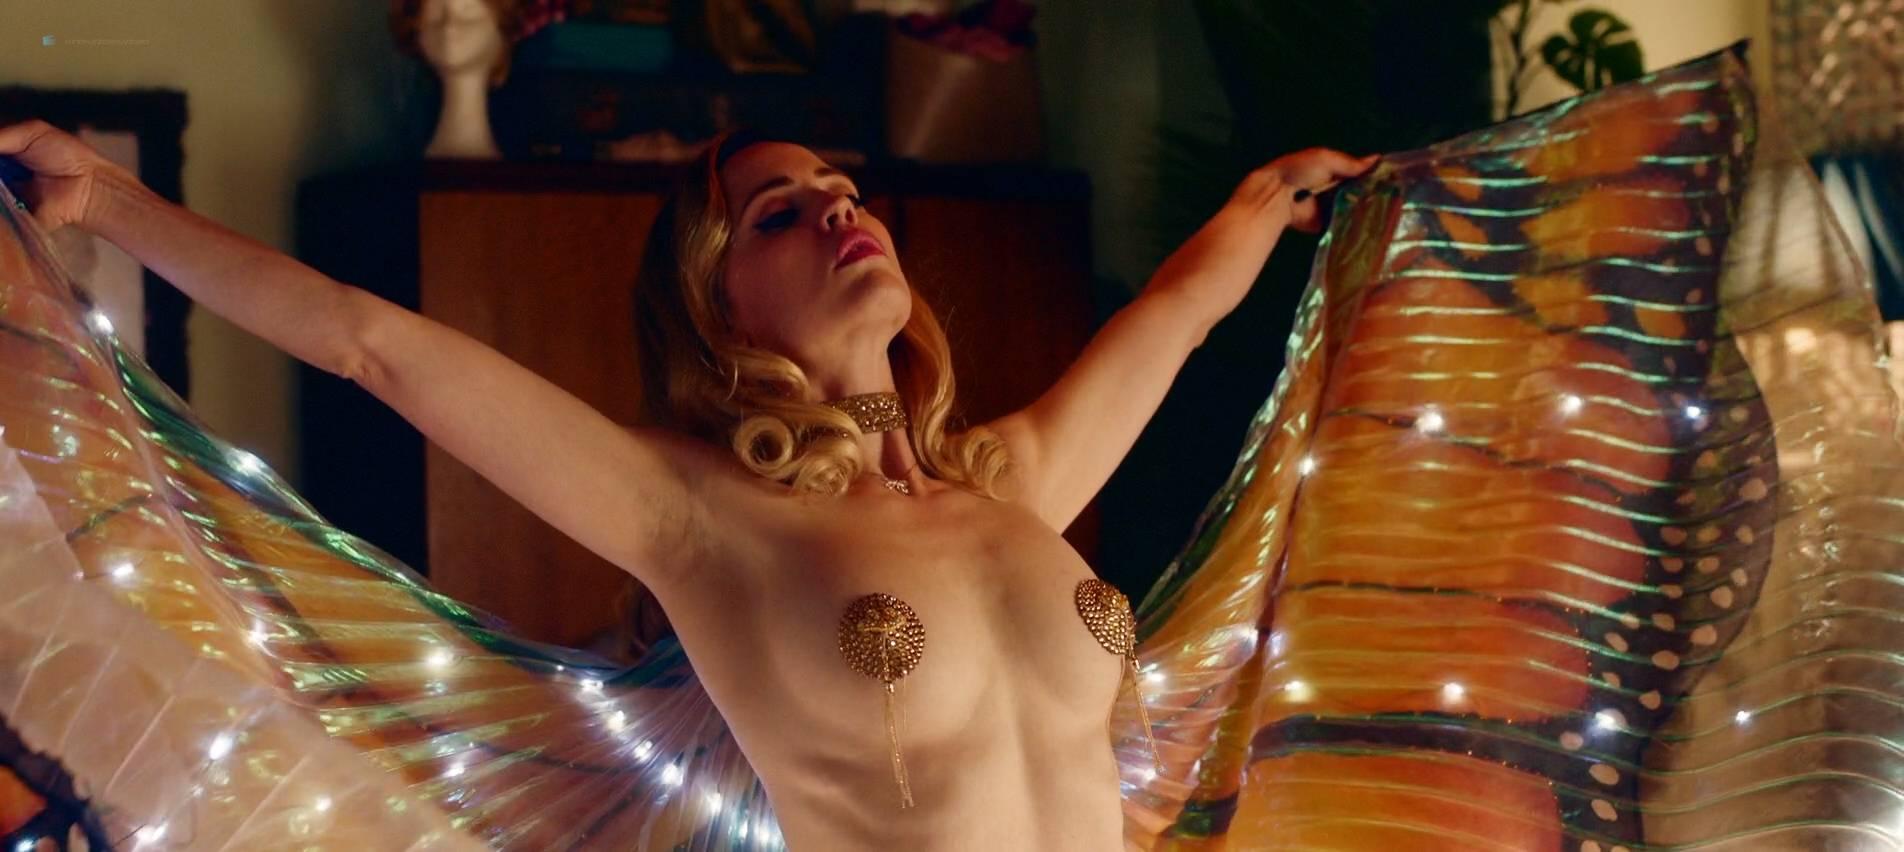 Sophie lowe nude